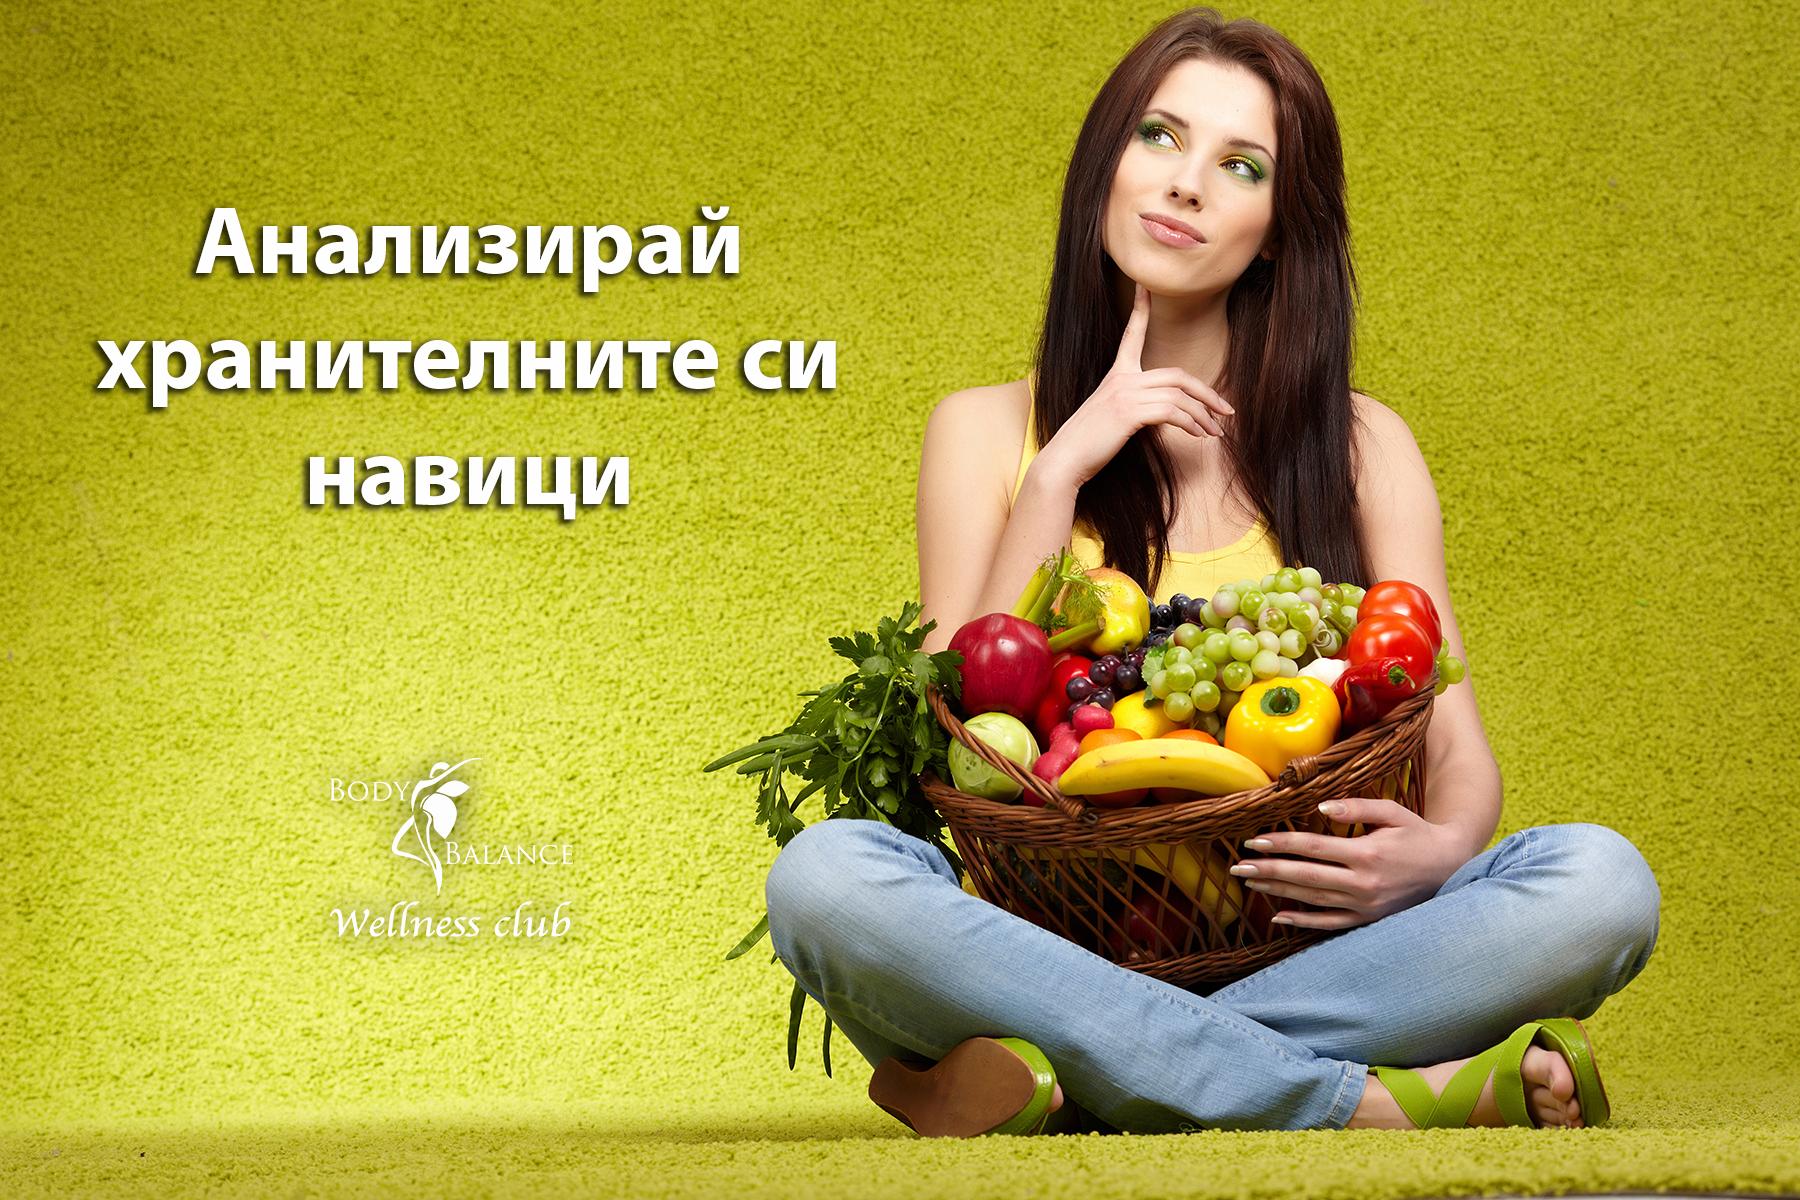 Анализирай хранителните си навици1